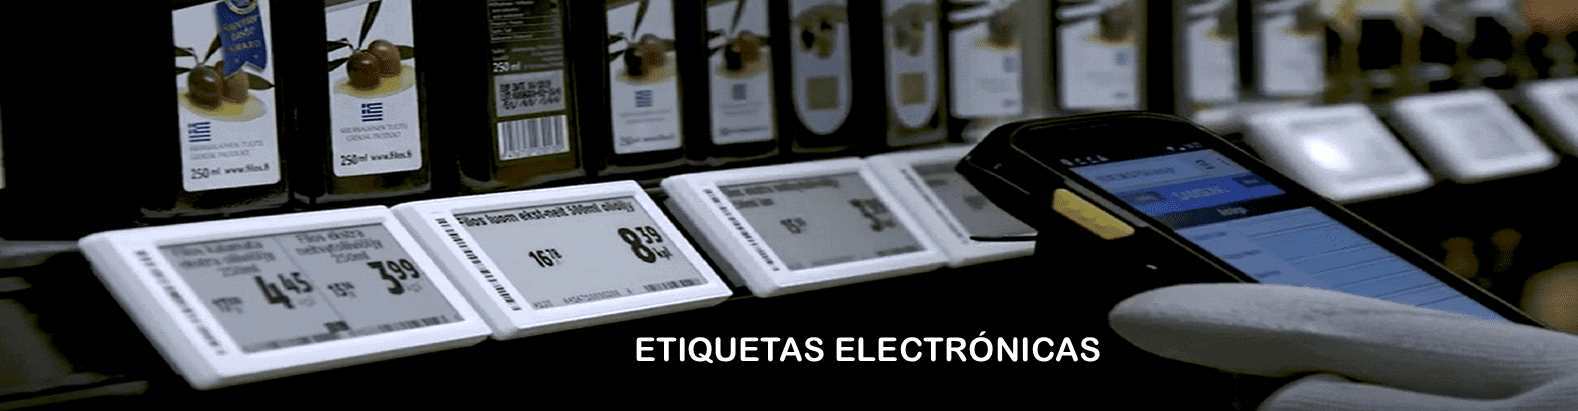 Etiqueta electrónica